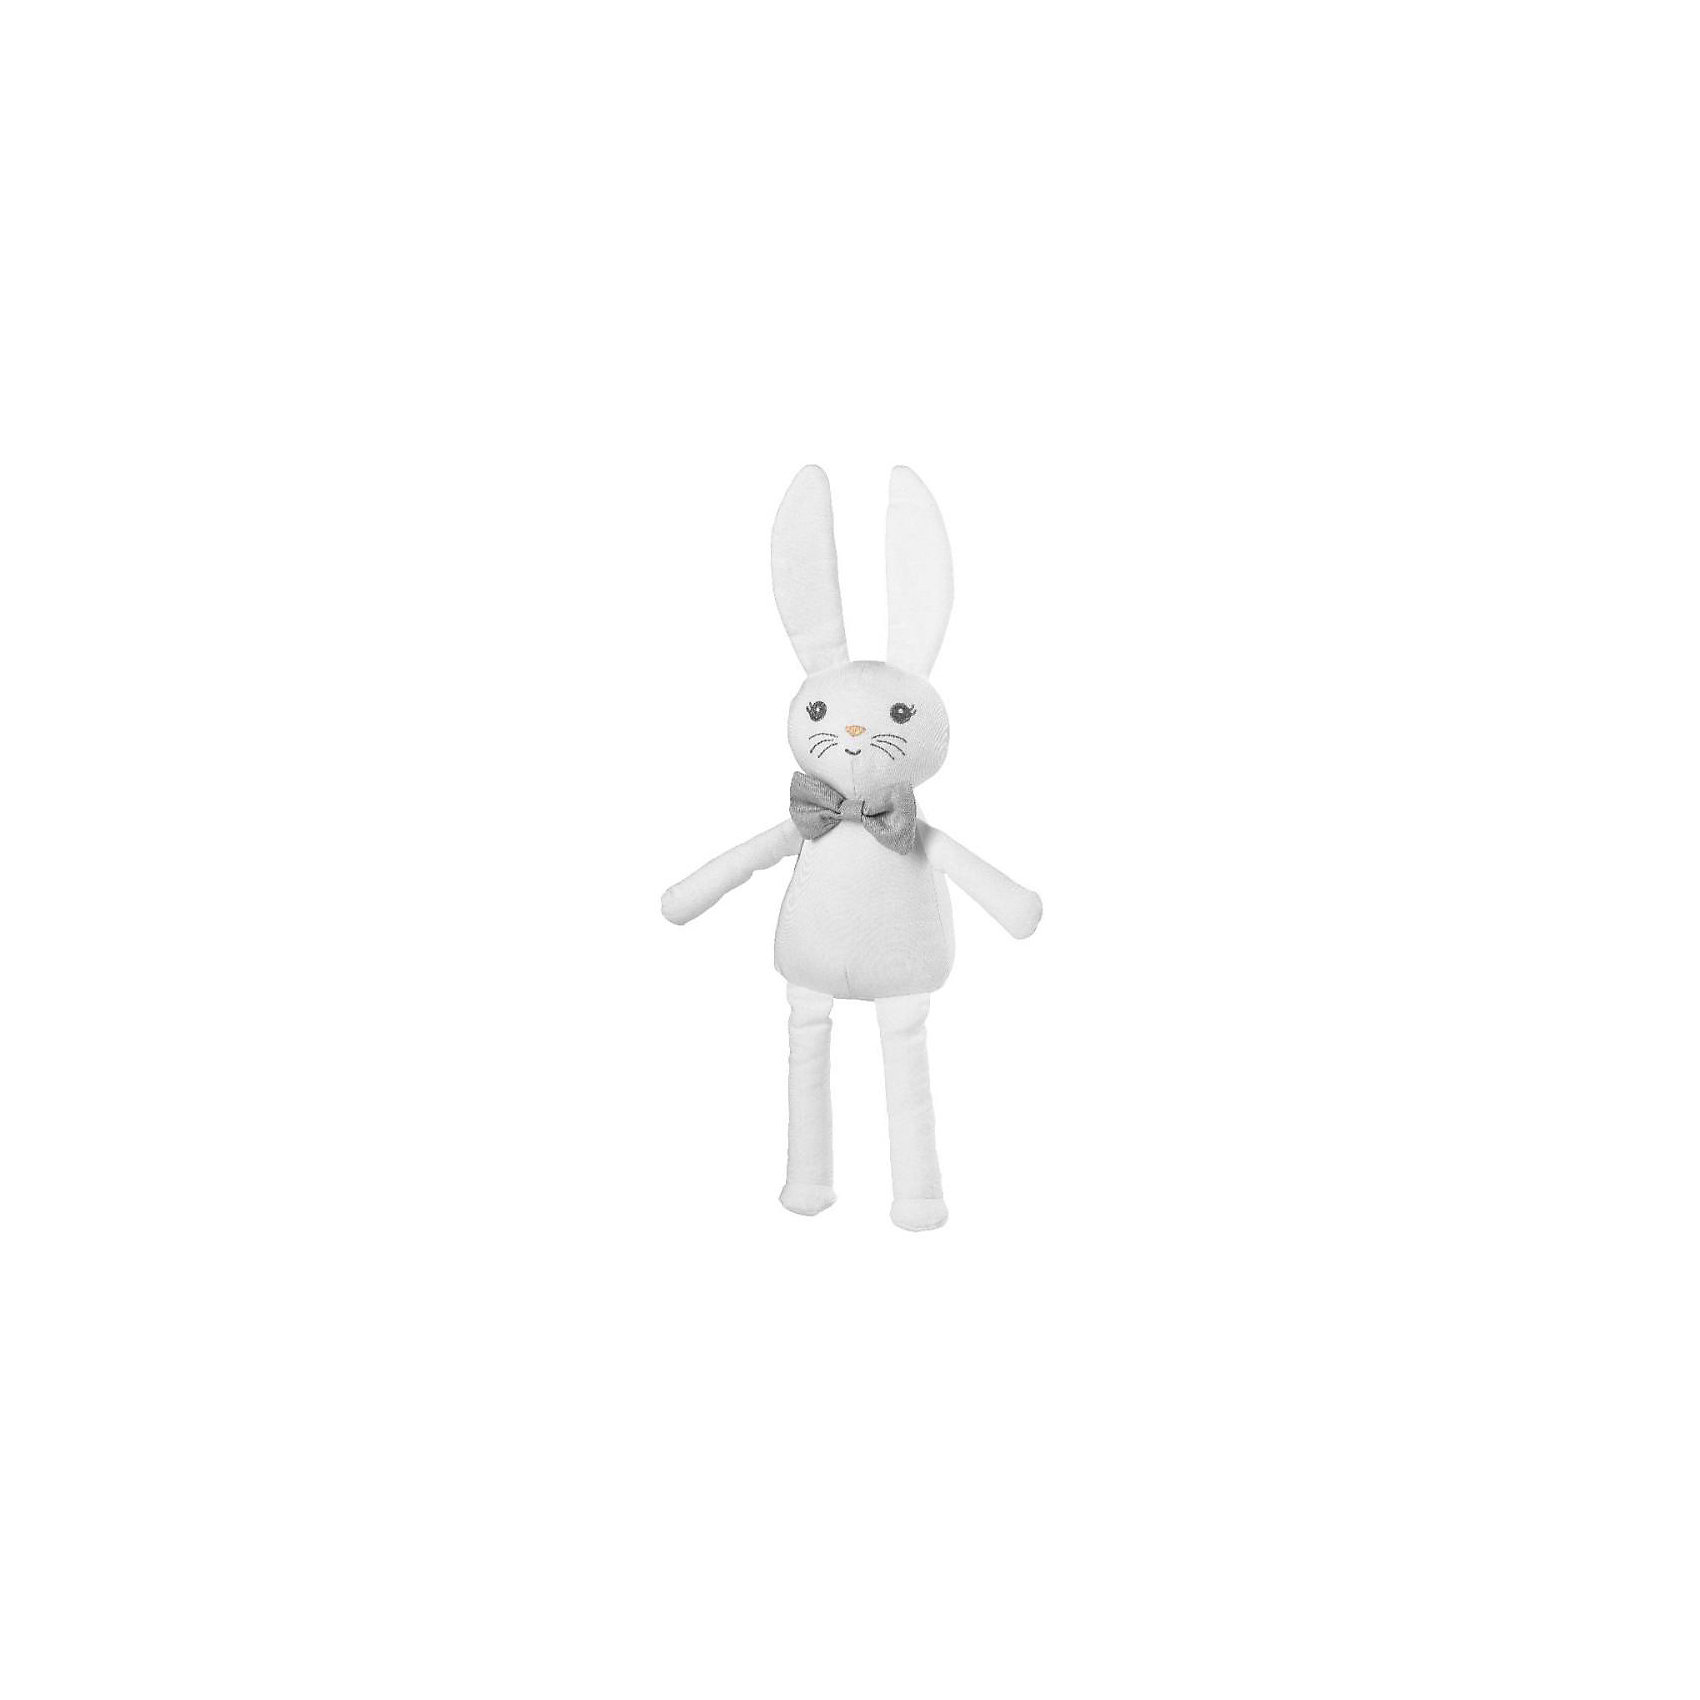 Игрушка Зайчик Gentle Jackson, Elodie Details, белыйМягкие игрушки<br>Игрушка Elodie Details Gentle Jackson  Уникальная троица игрушек-кроликов от Elodie Details. Каждая из игрушек индивидуальна и имеет своей неповторимый характер и дизайн!;Игрушка непременно;станет любимцем вашего малыша;и его верным спутником в приключениях дома или на природе.  - материал 100% хлопок - длина 41 см (включая уши)<br><br>Ширина мм: 200<br>Глубина мм: 60<br>Высота мм: 120<br>Вес г: 73<br>Возраст от месяцев: 0<br>Возраст до месяцев: 36<br>Пол: Унисекс<br>Возраст: Детский<br>SKU: 4966117